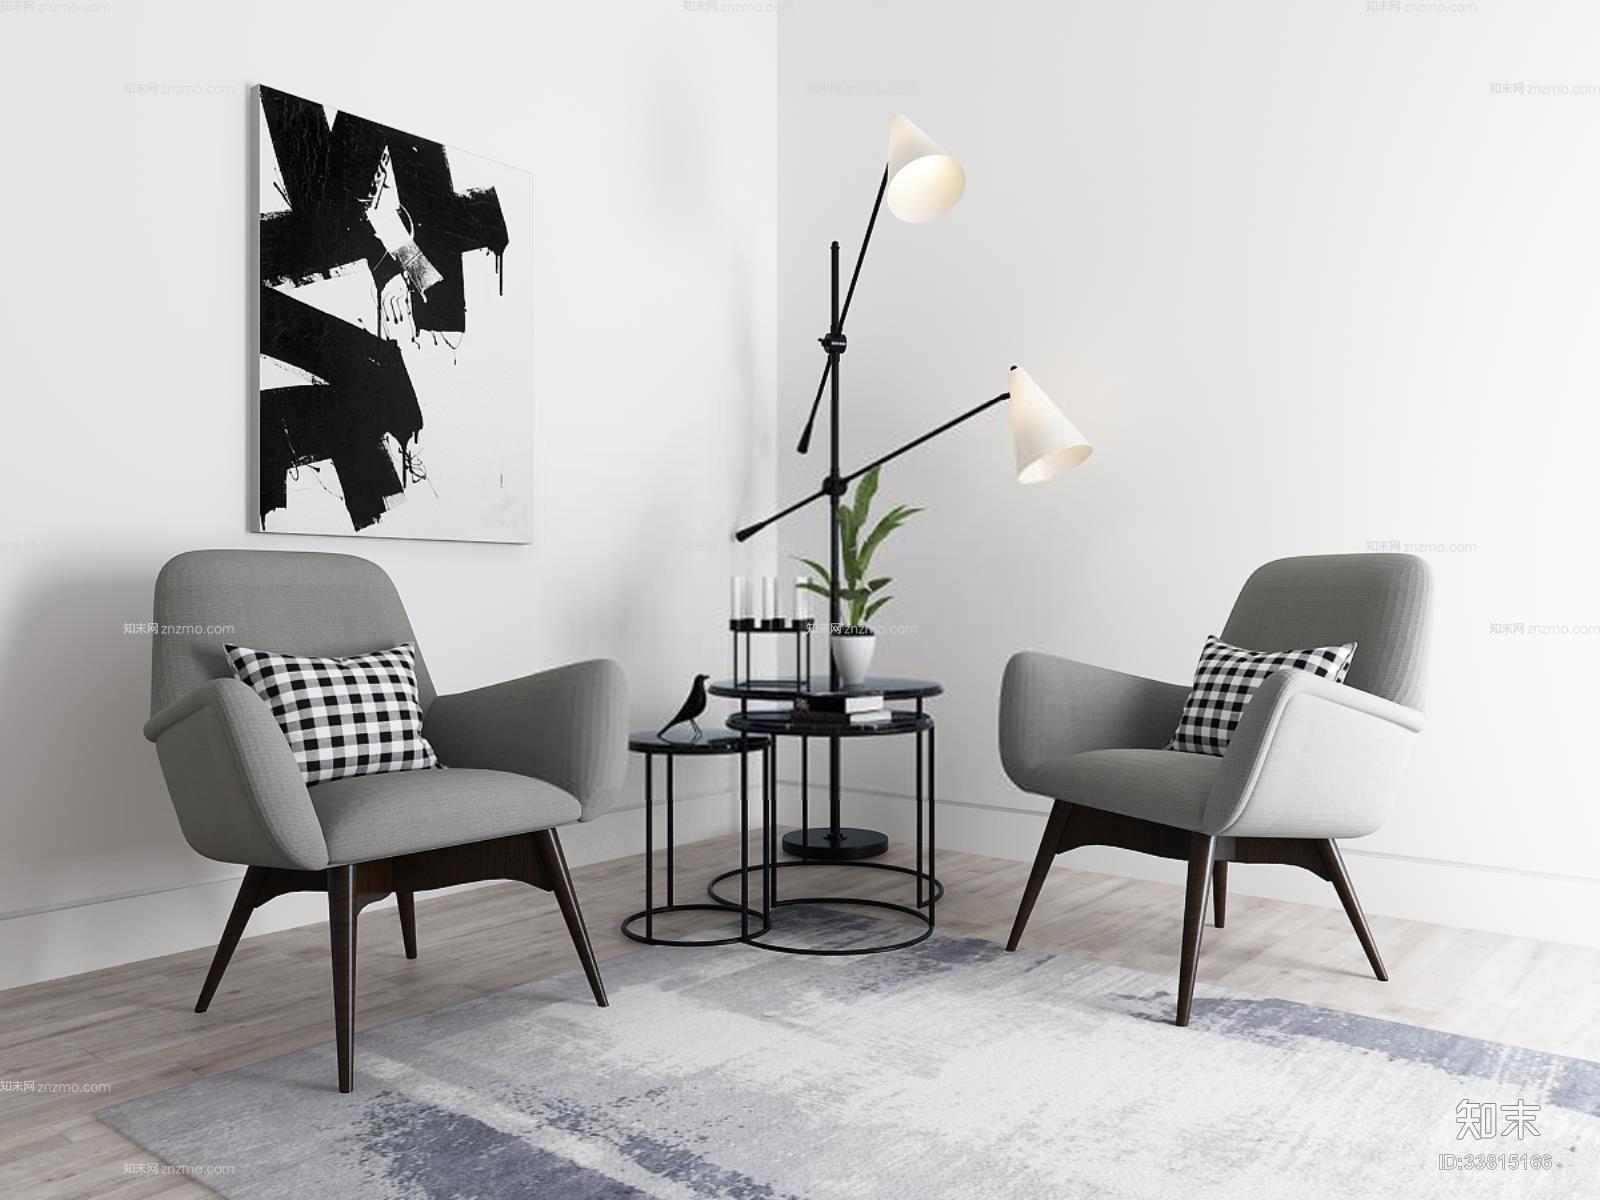 现代北欧休闲椅茶几 休闲椅 角几 落地灯